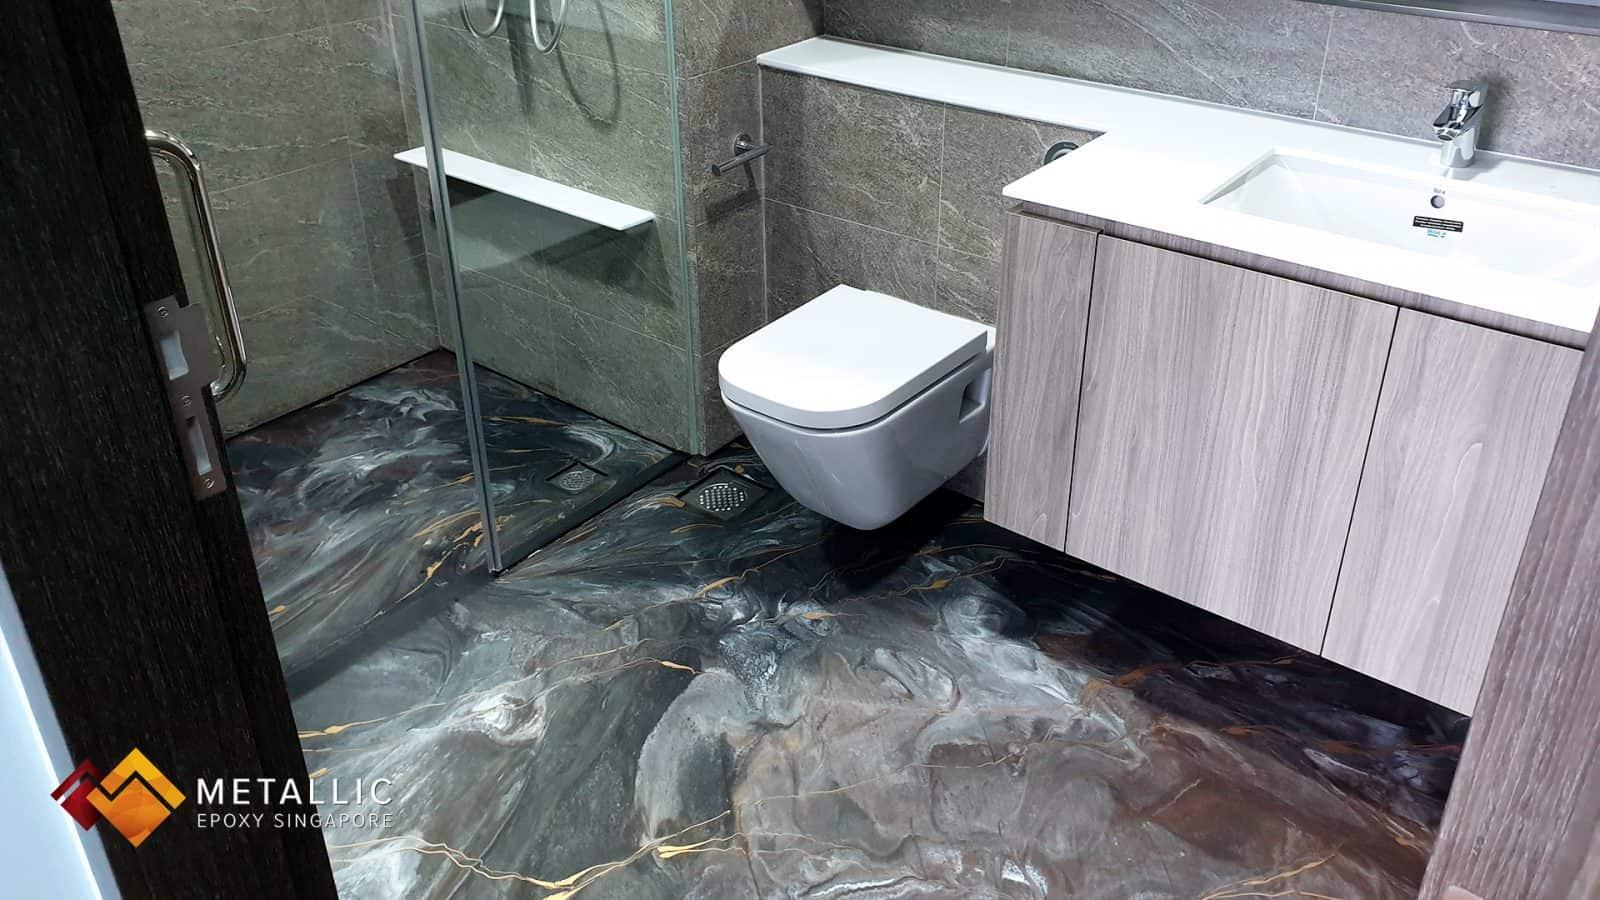 Tarnished Silver Bathroom Flooring